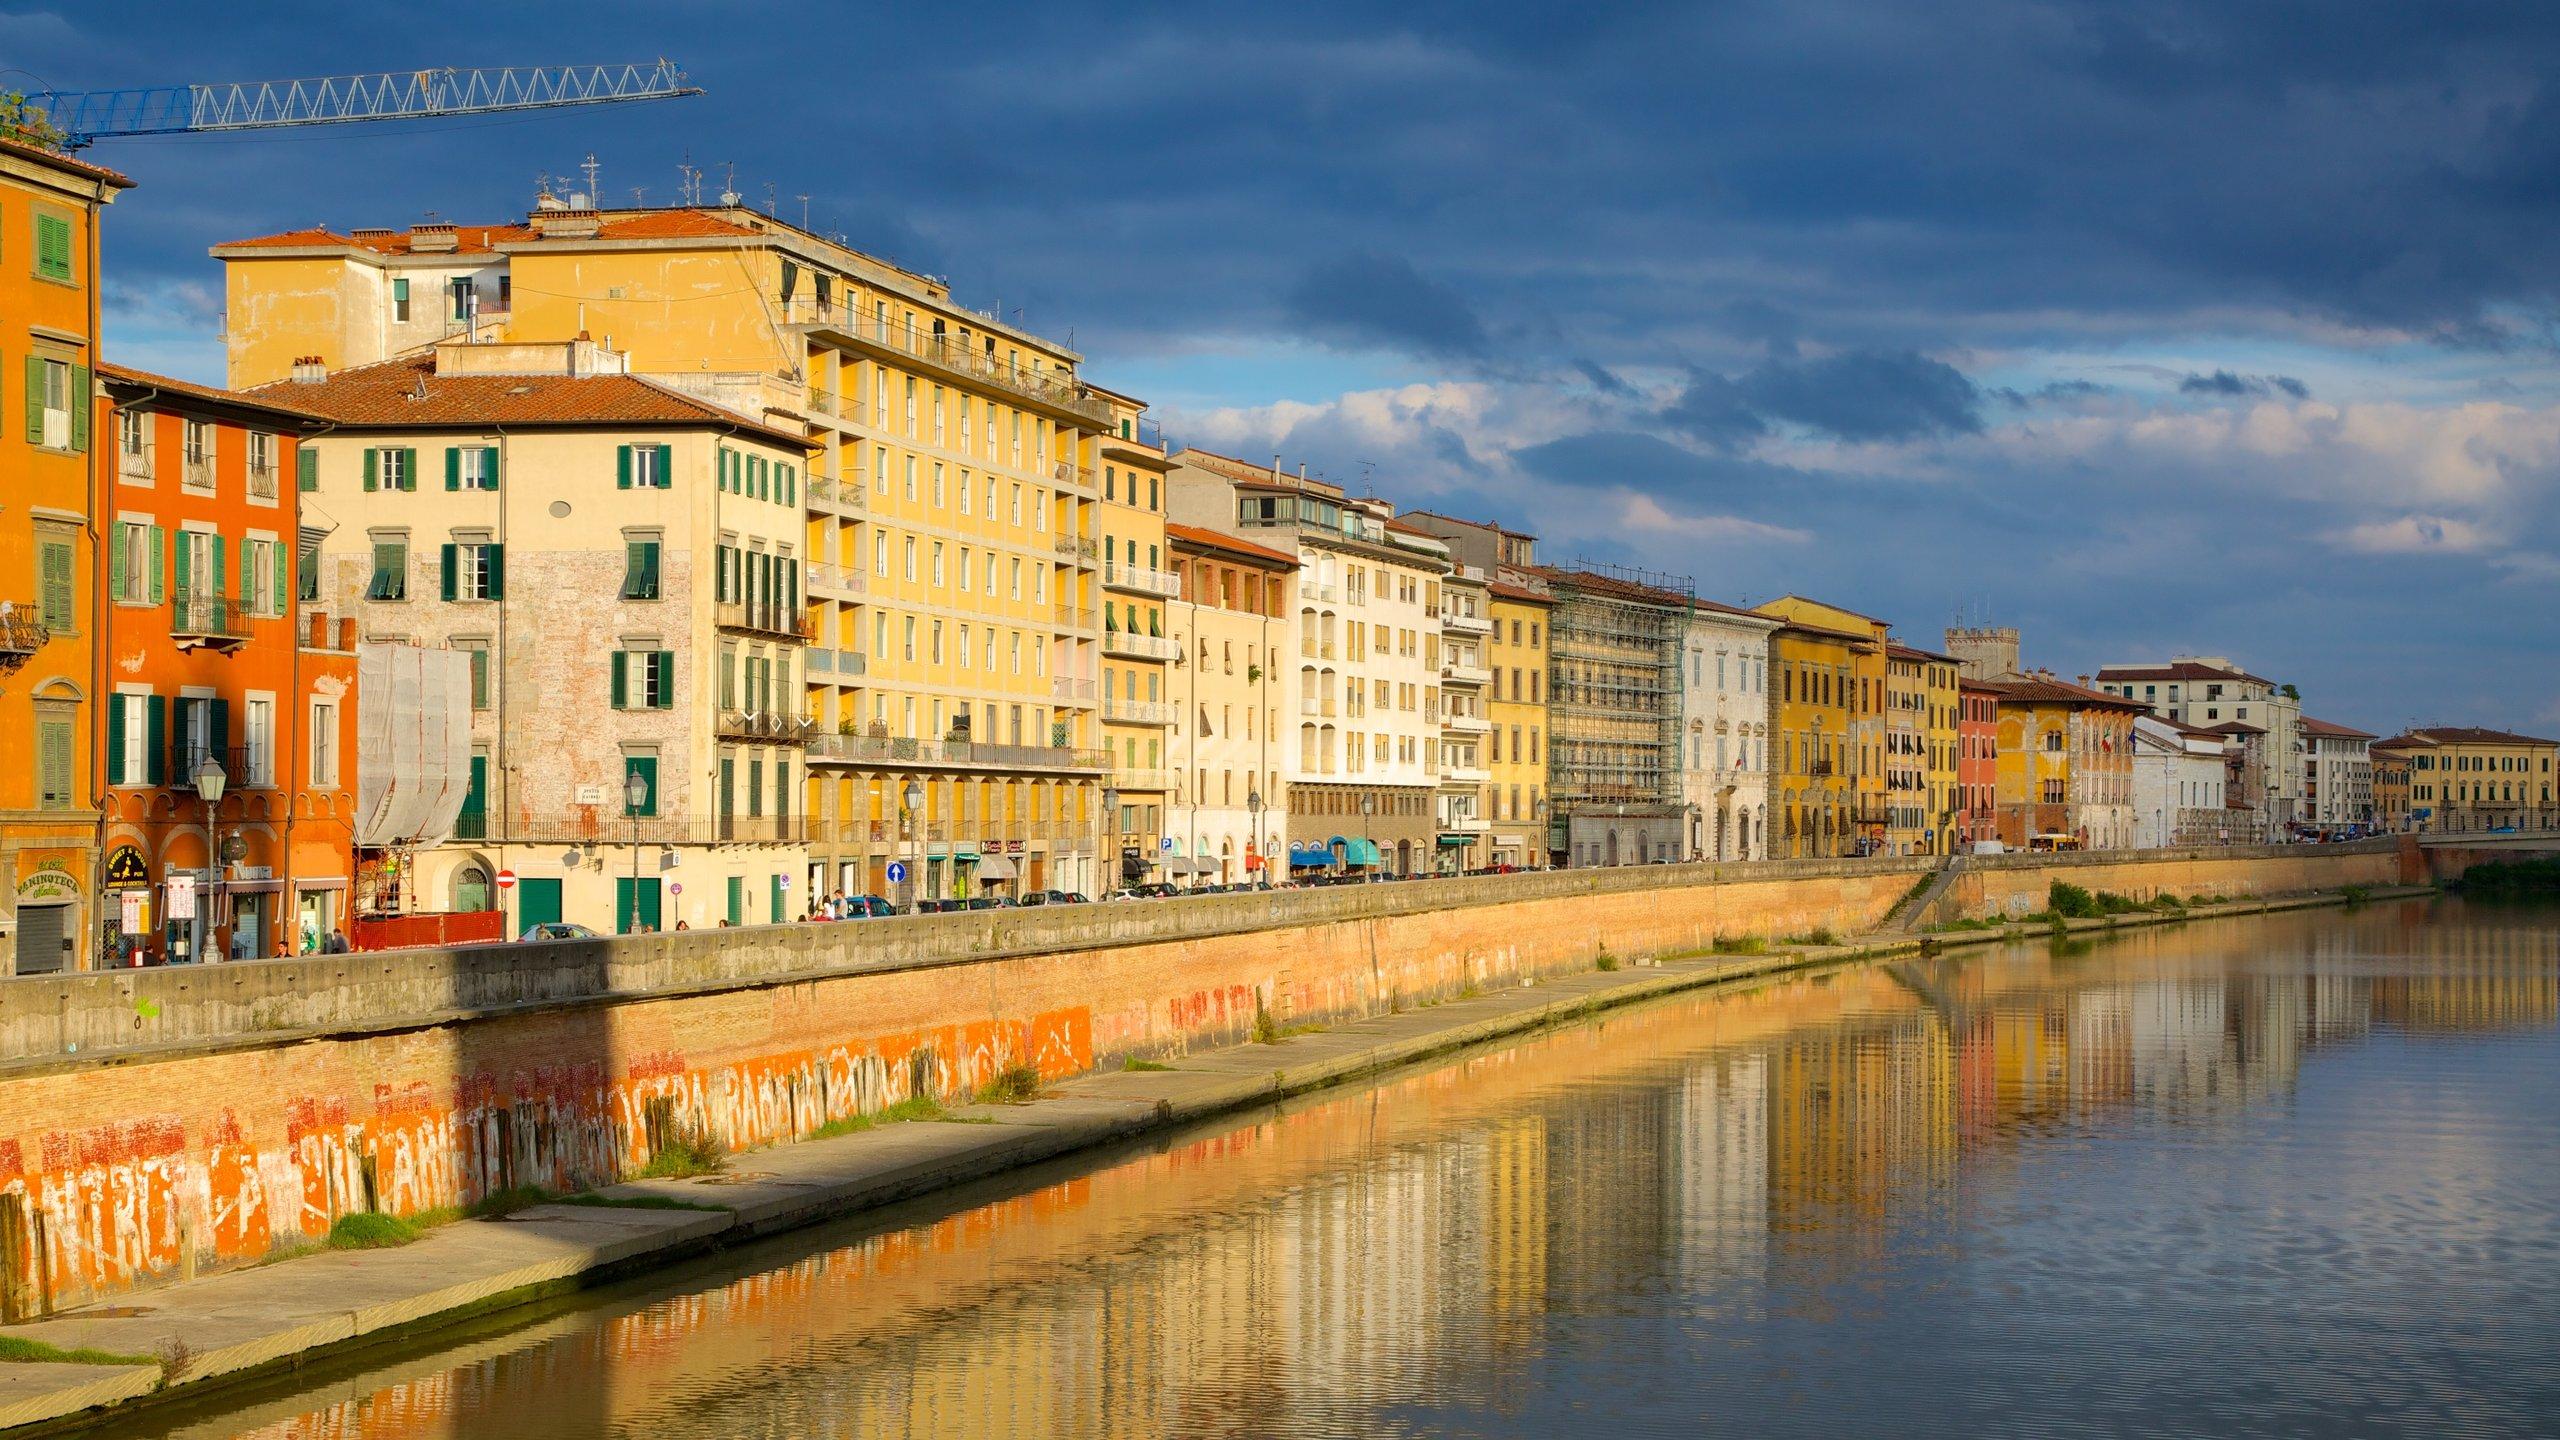 Få en flott naturopplevelse ved å utforske Arno River under besøket i Firenze. Dette urbane området har et elveområde som passer godt for en trivelig spasertur, og interessante museer du også bør oppleve.